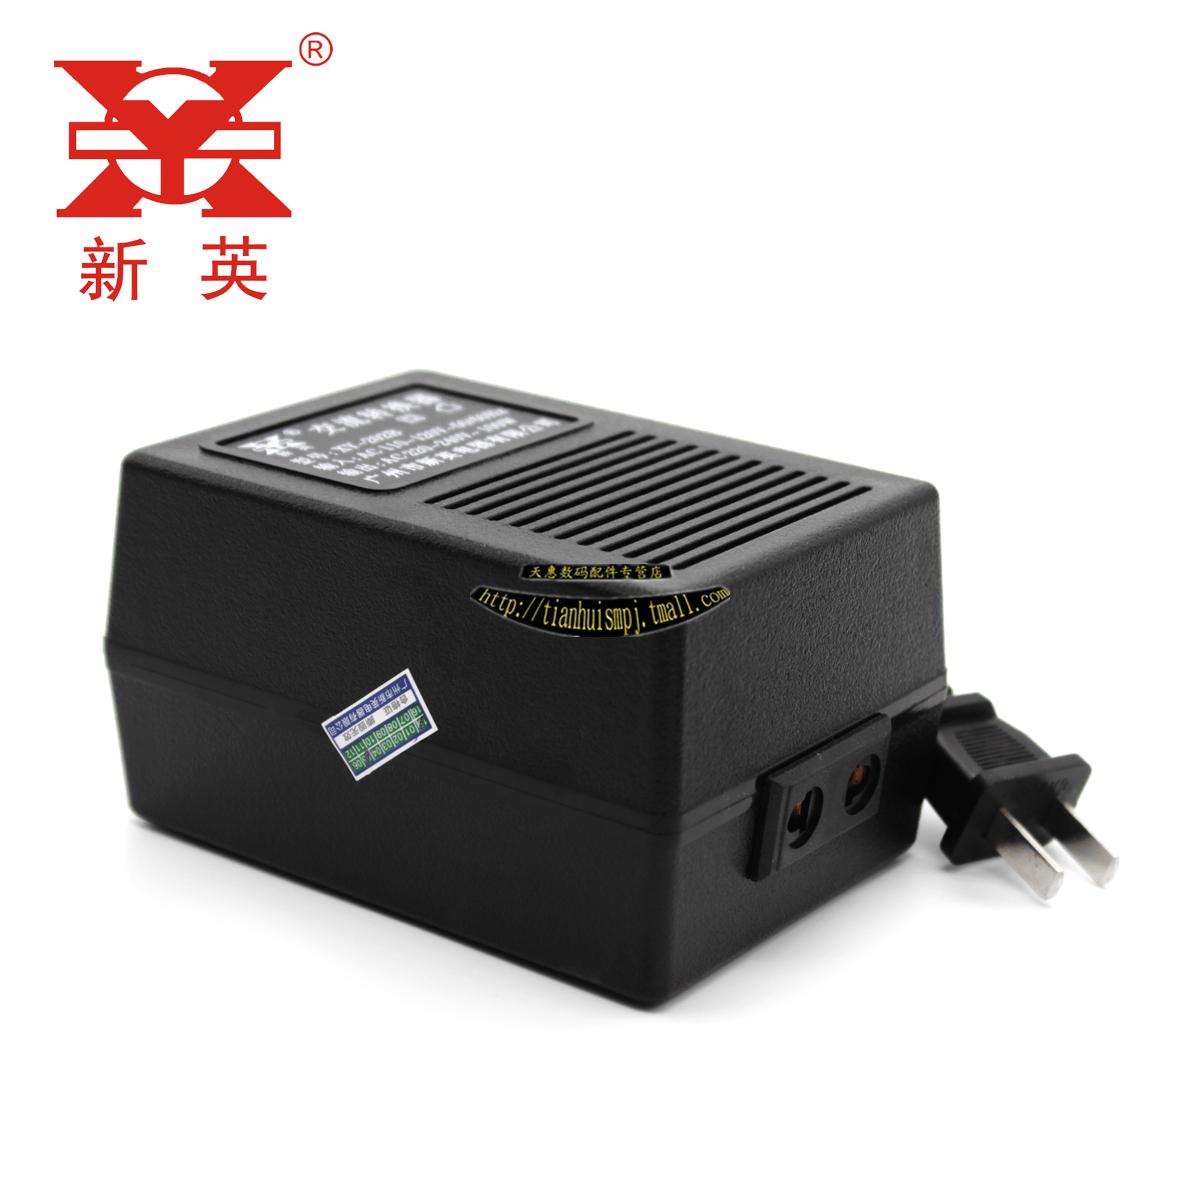 нова англия се XY-202B110V 220v трансформатор / ac преобразувател 100w оборудване с в чужбина